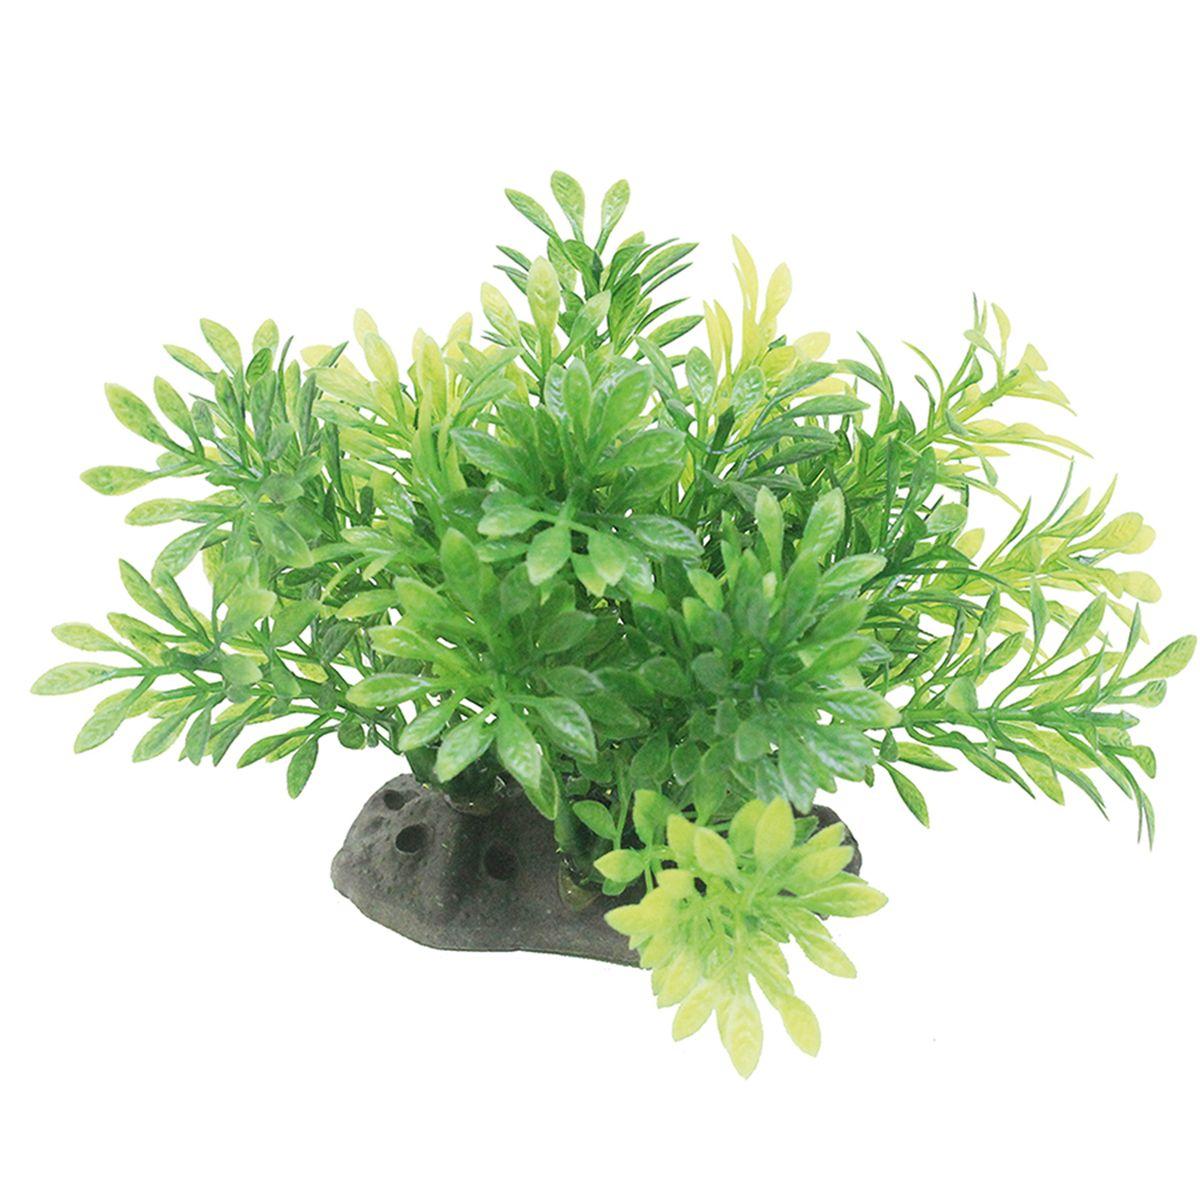 Растение для аквариума ArtUniq Микрантемум, высота 10-12 смART-1192107Растение для аквариума ArtUniq Микрантемум, высота 10-12 см